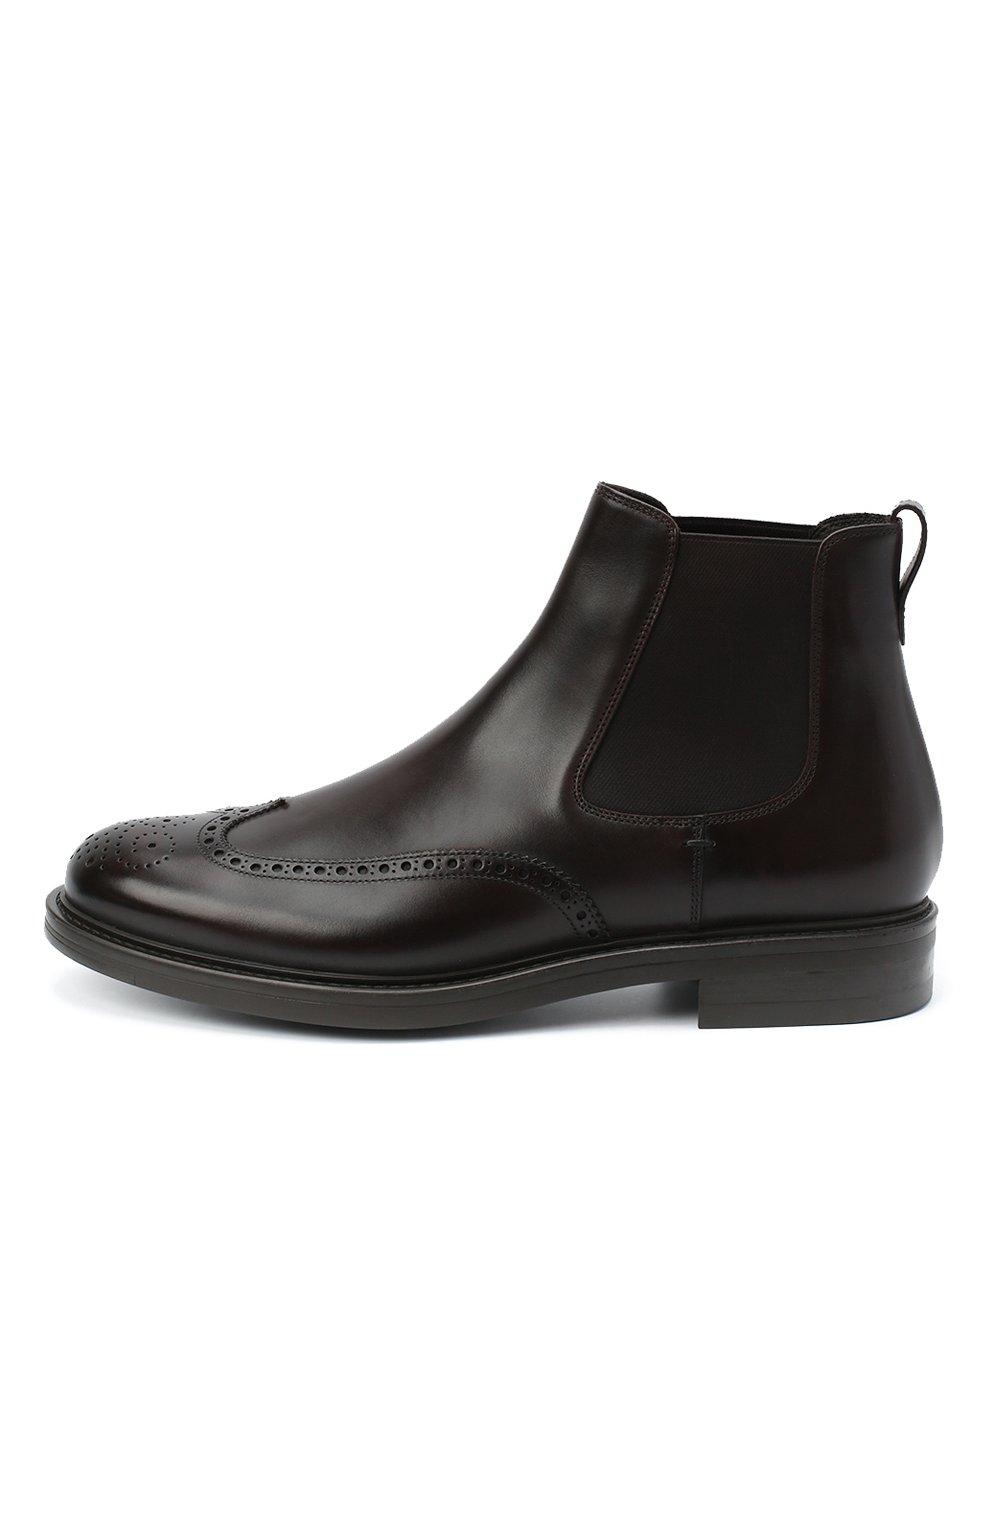 Мужские кожаные челси W.GIBBS темно-коричневого цвета, арт. 3169004/0214   Фото 3 (Материал внутренний: Натуральная кожа; Подошва: Плоская; Мужское Кросс-КТ: Сапоги-обувь, Челси-обувь)